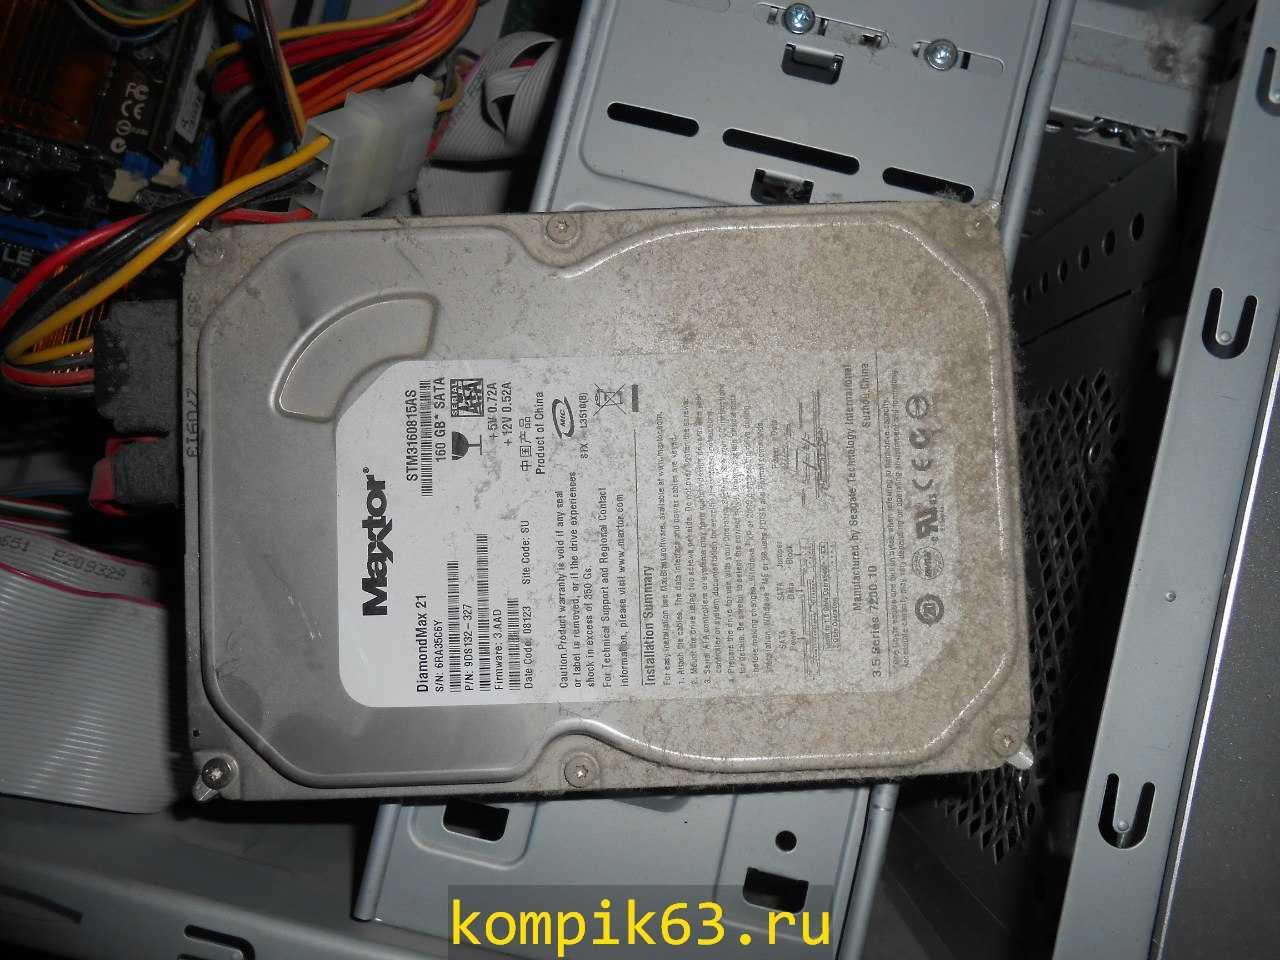 kompik63.ru-085